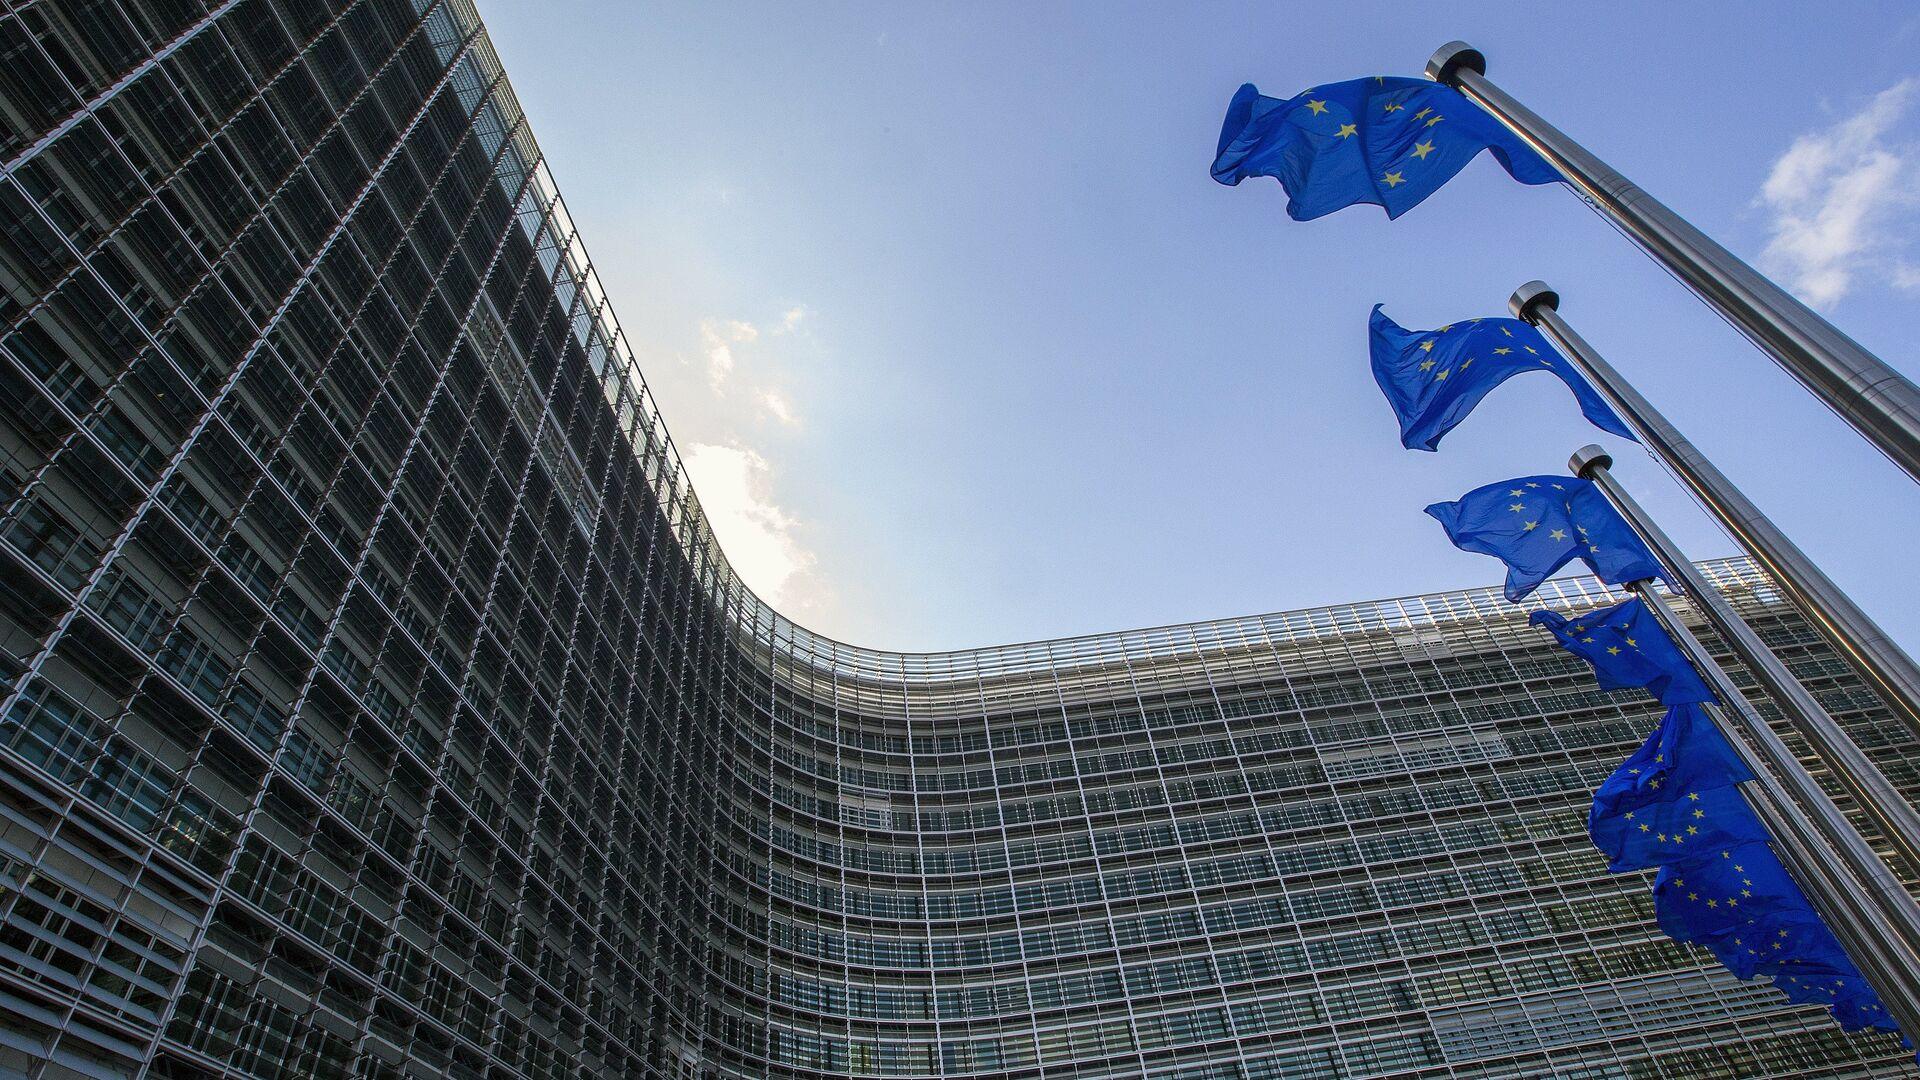 Banderas de la UE frente a la sede de la Comisión Europea en Bruselas - Sputnik Mundo, 1920, 17.02.2021